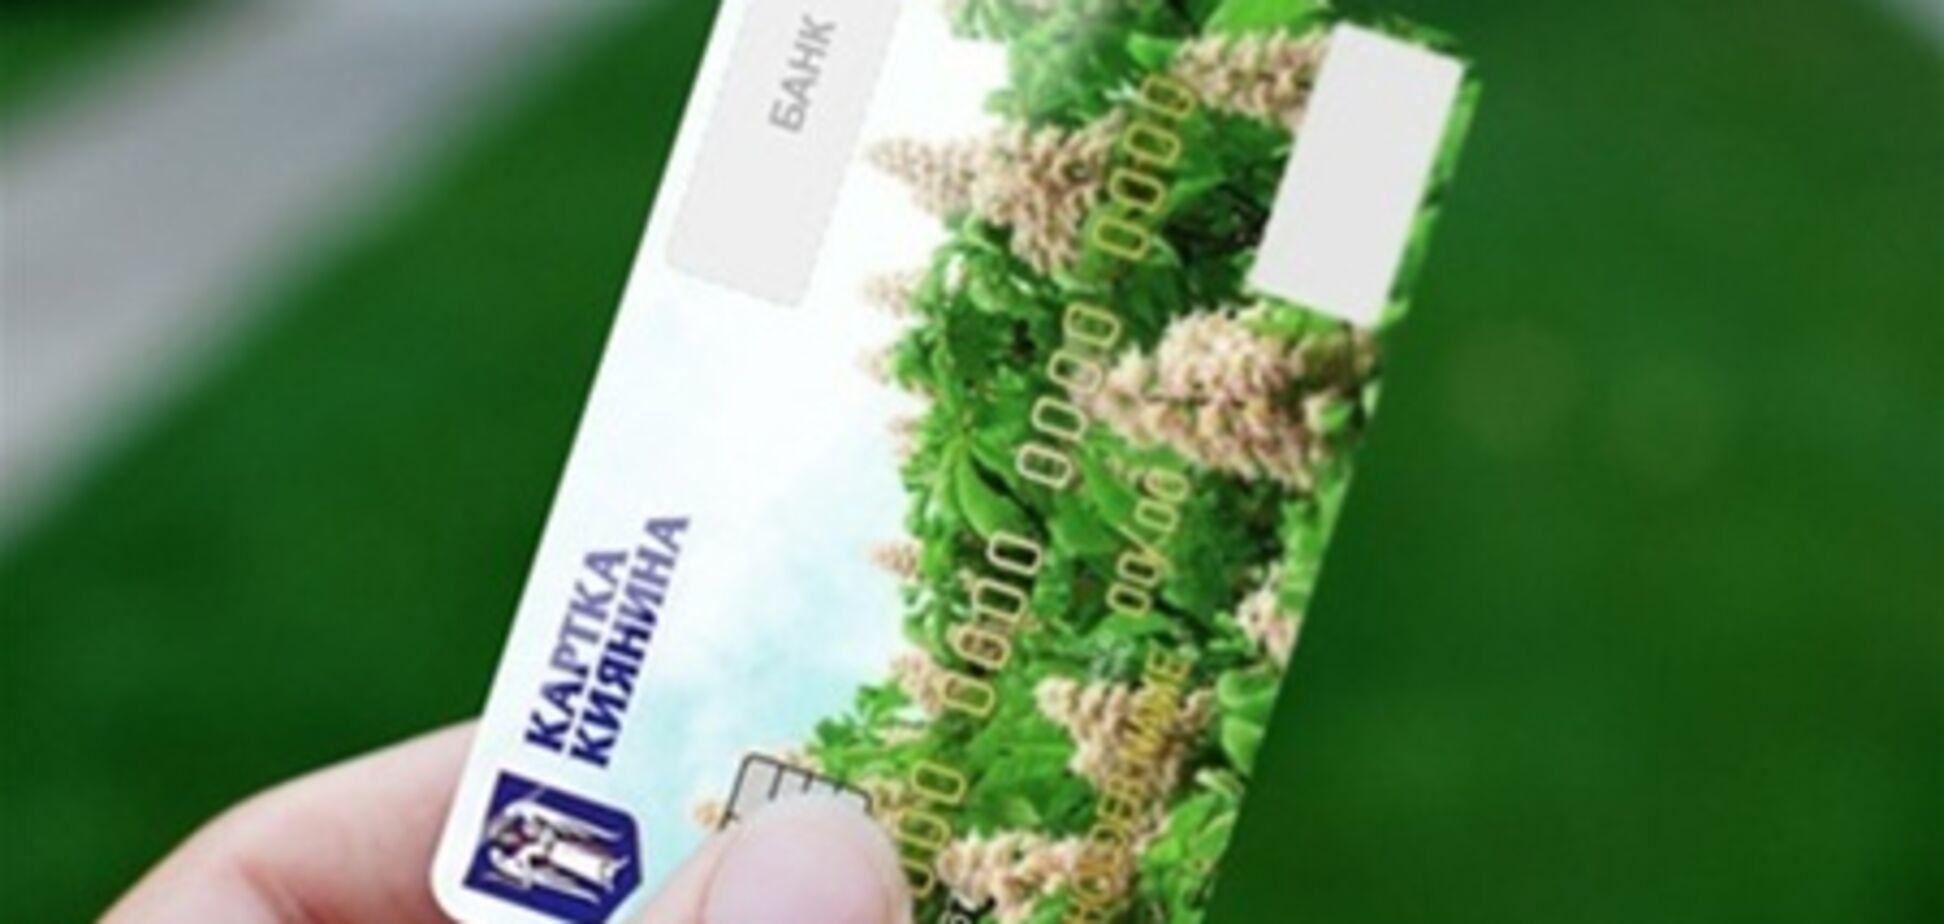 Владельцы 'Карточки киевлянина' получили скидку в столичных супермаркетах